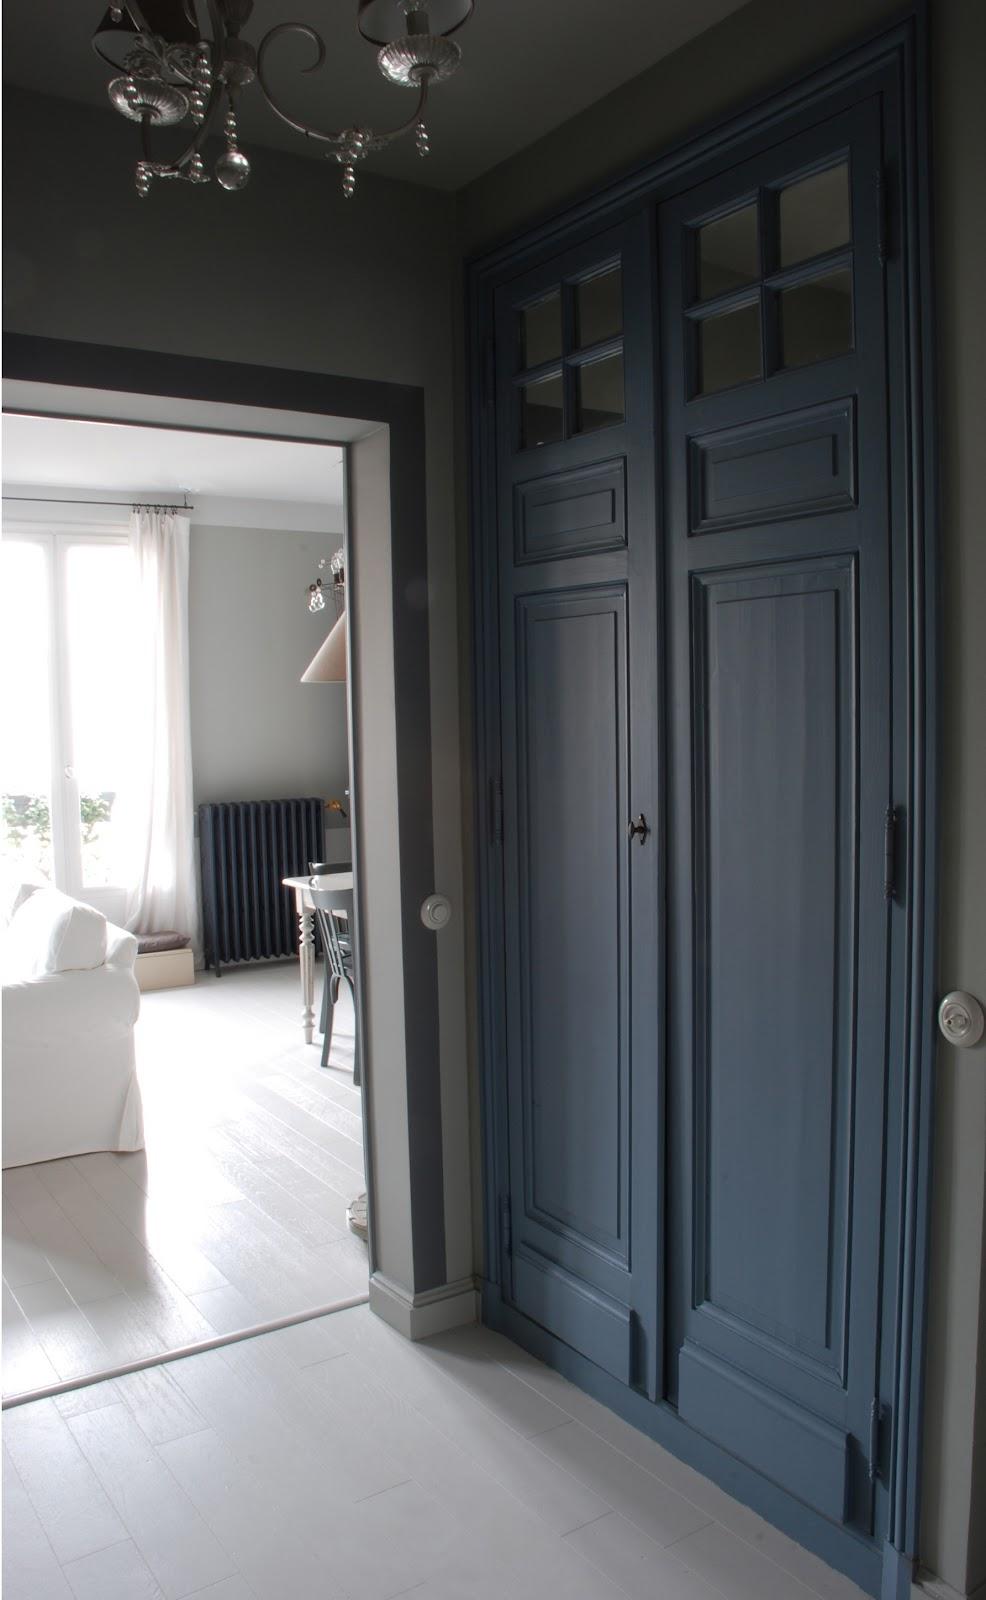 marianne evennou mars 2012. Black Bedroom Furniture Sets. Home Design Ideas